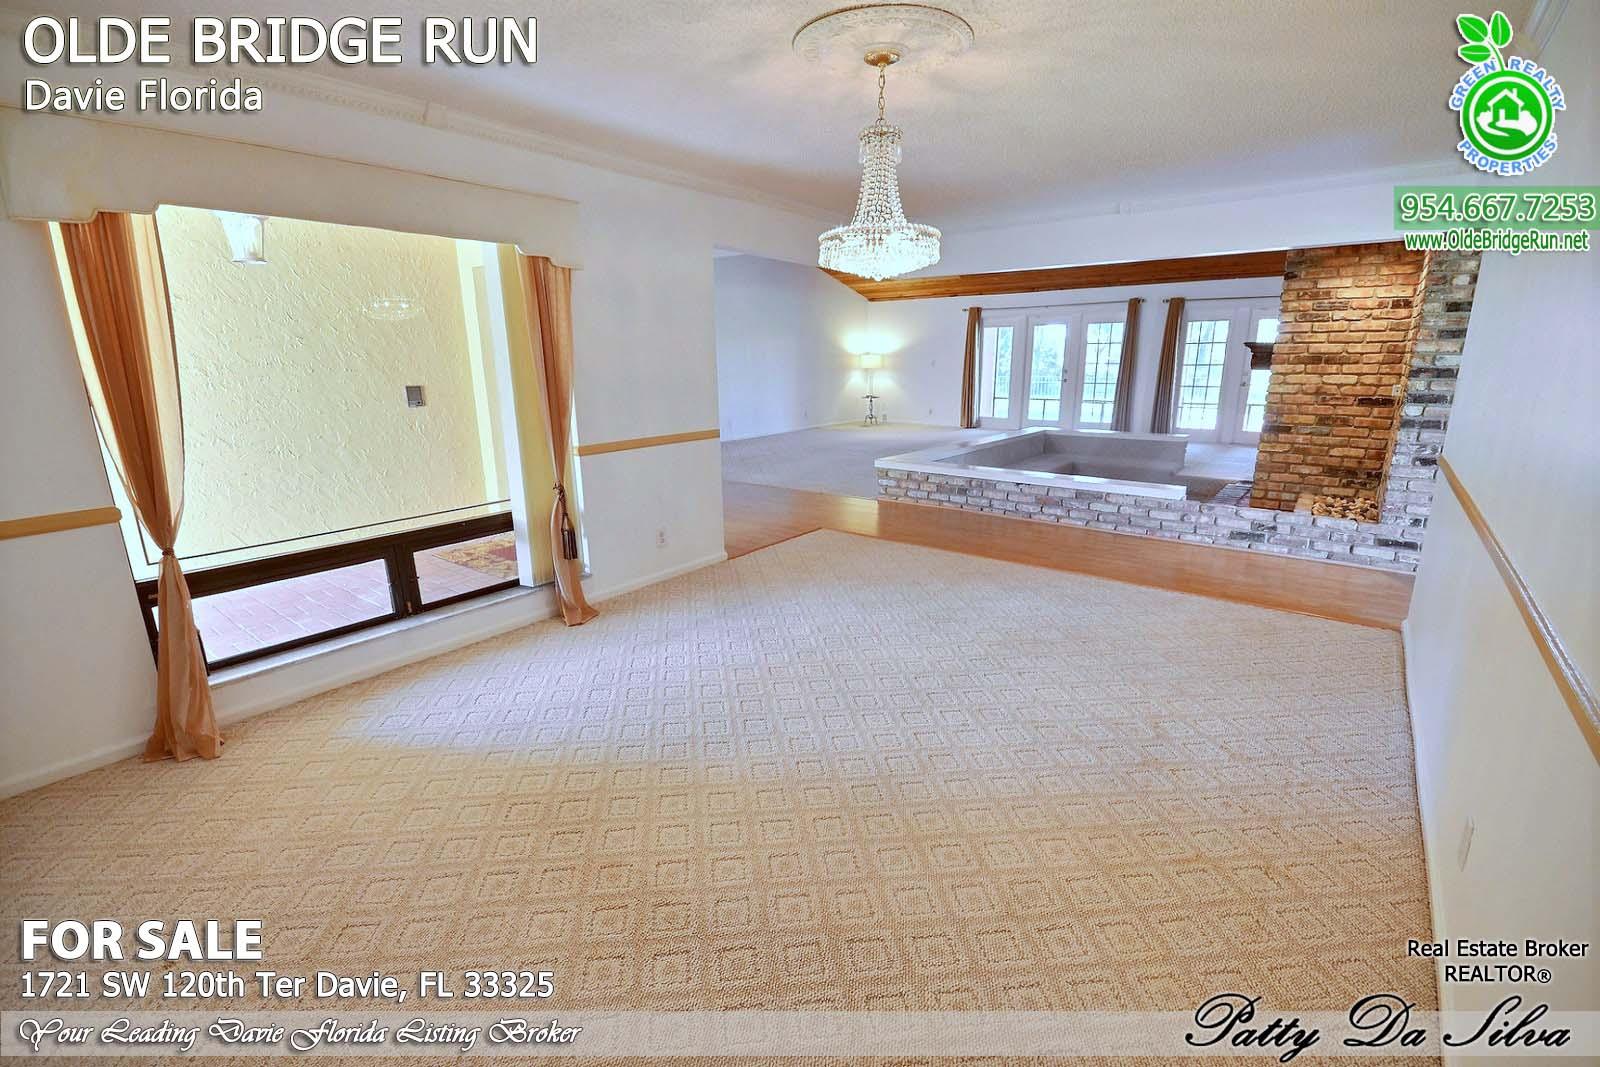 Olde Bridge Run Homes in Davie FL (4)